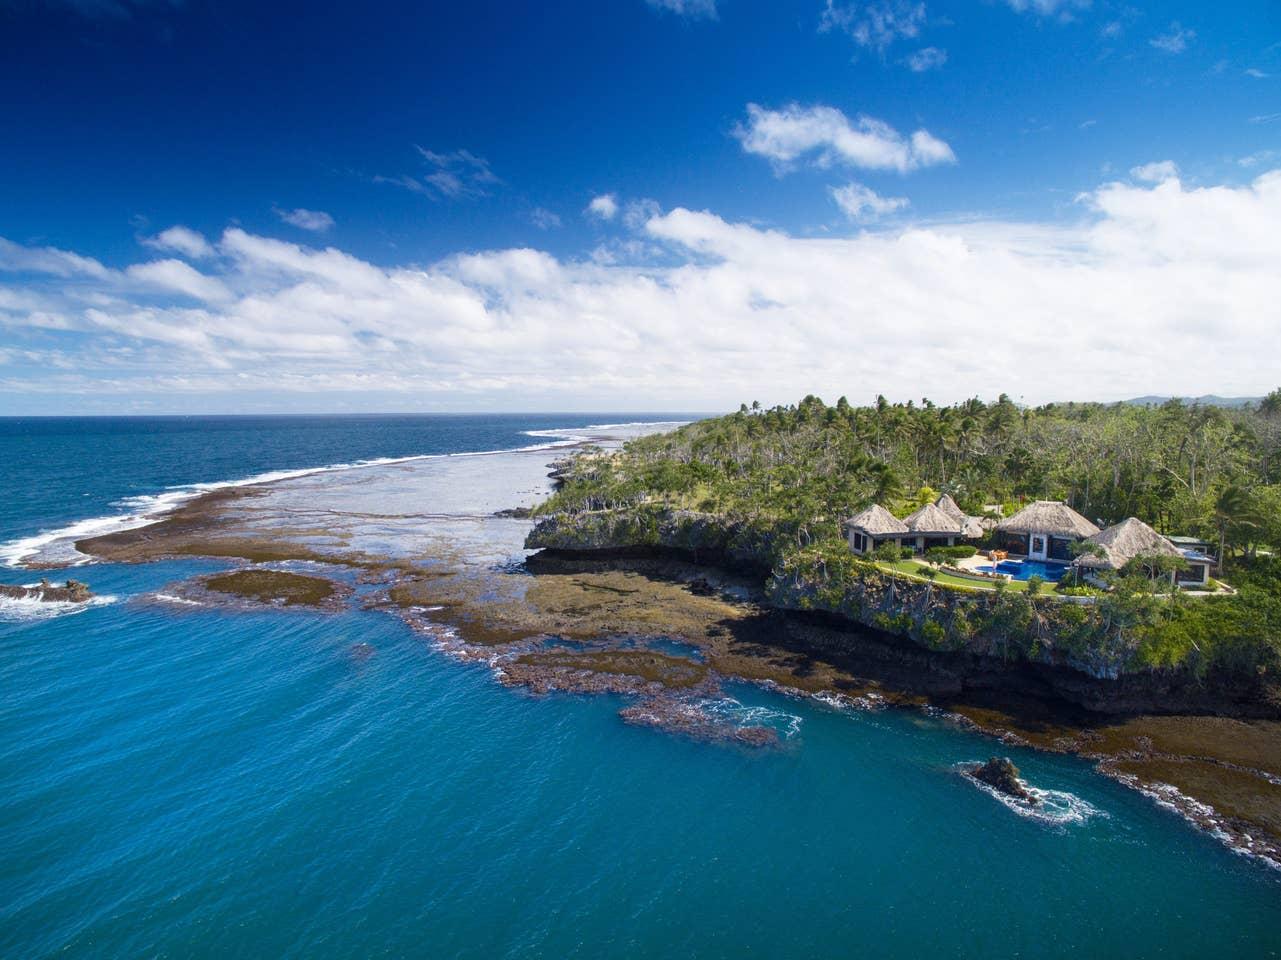 wavi island